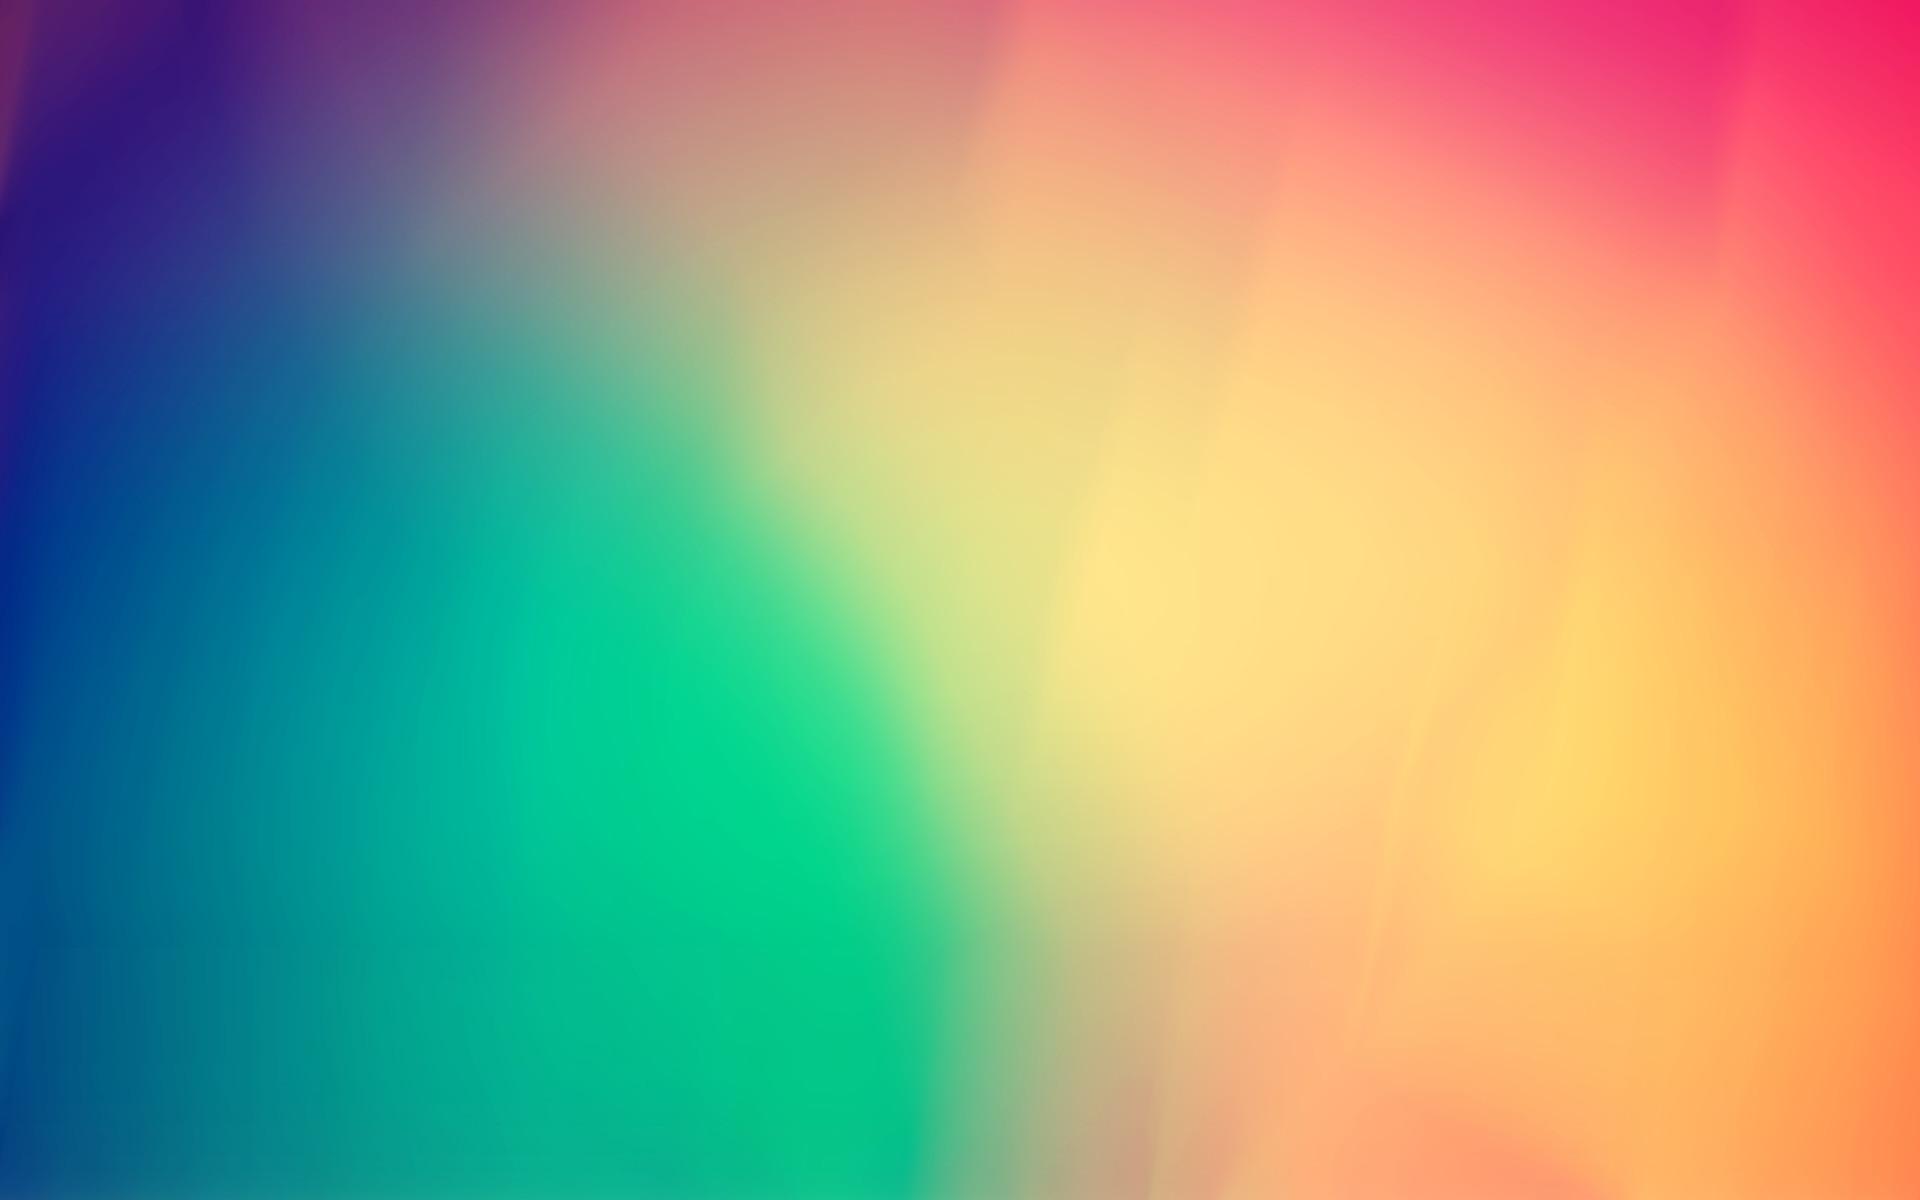 Color Gradient Wallpaper 76 Images